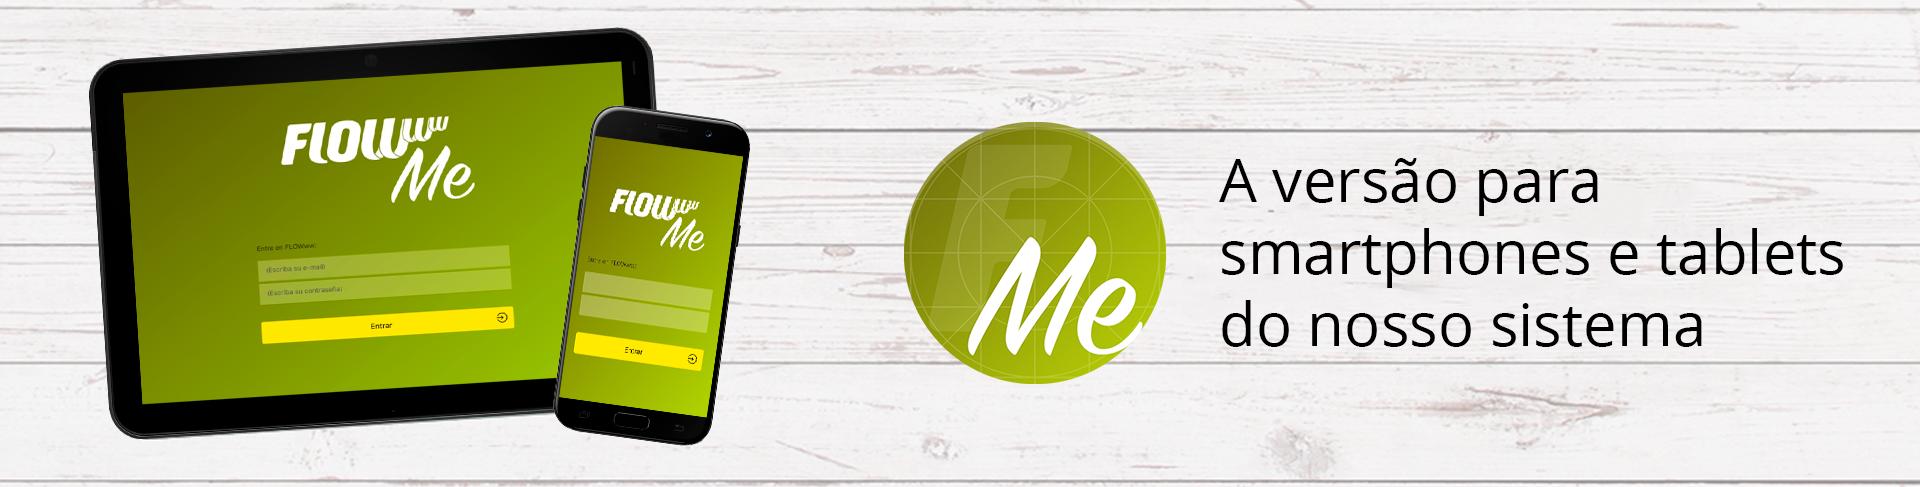 FLOWww me, App de gestão para estética e beleza